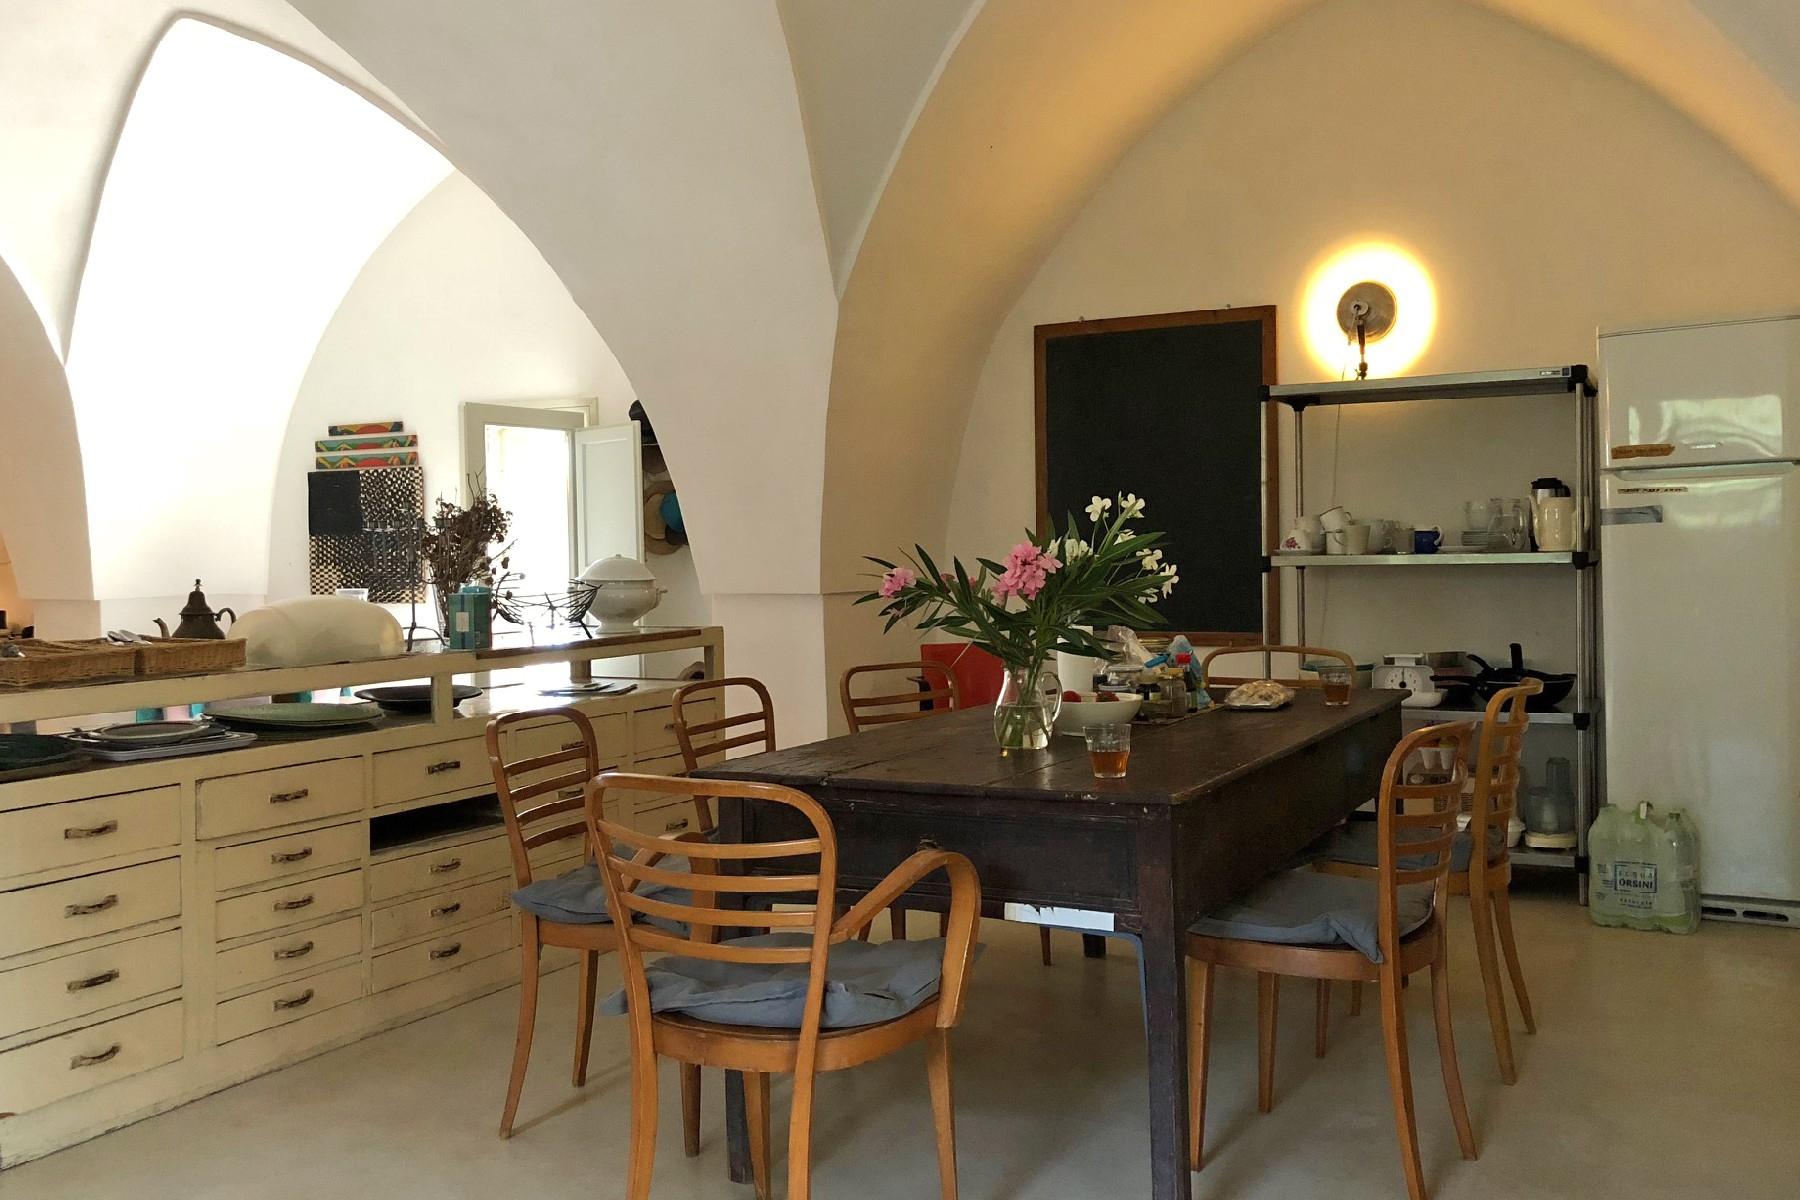 Casa indipendente in Vendita a Ugento: 4 locali, 160 mq - Foto 8